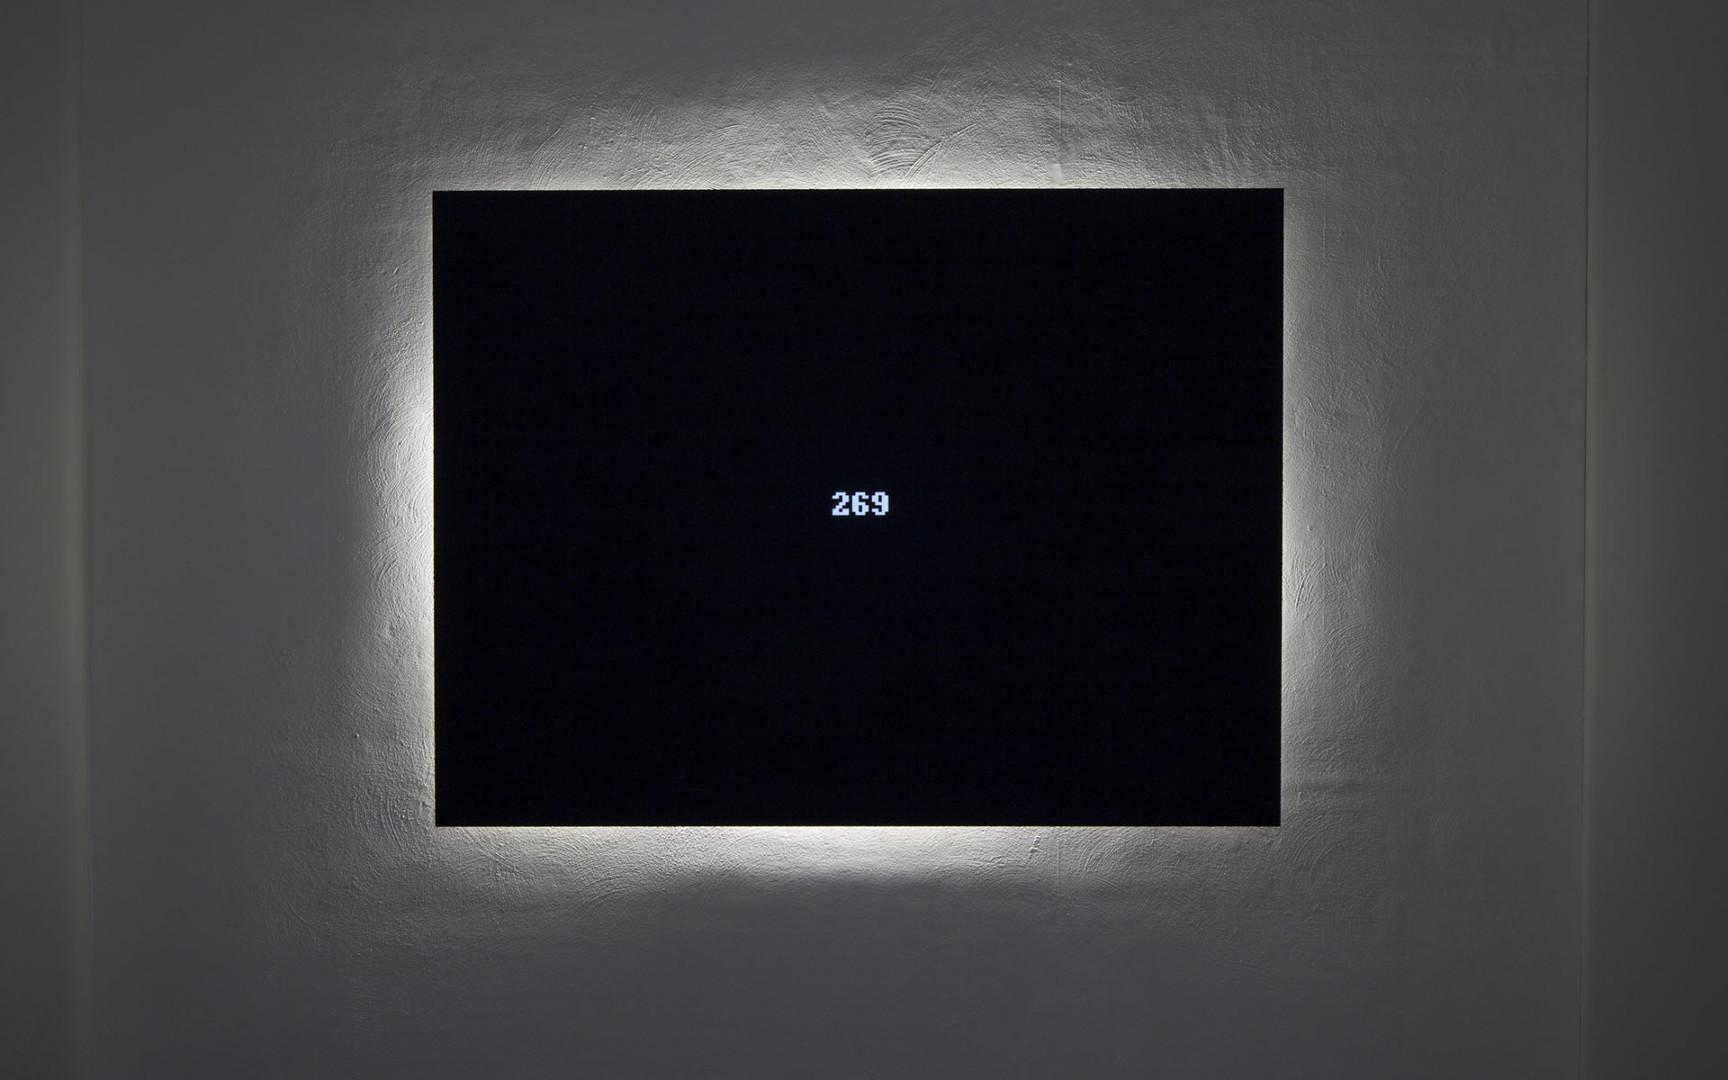 Valkoiselle seinälle on ripustettu musta näyttö, jossa näkyvät numerot 269. Näytön takana on valkoinen valo.